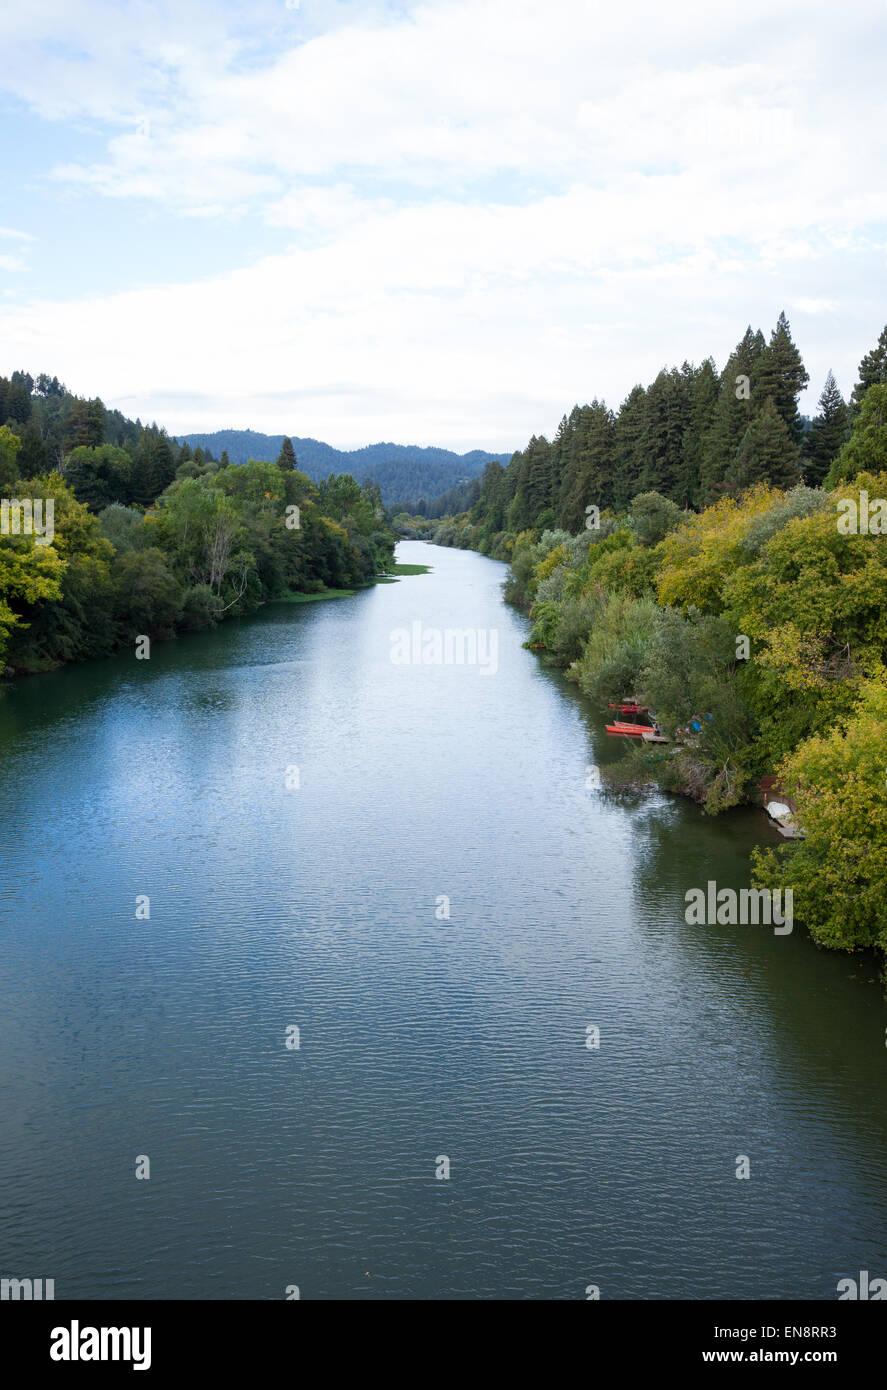 Ein Blick auf den Russian River in der Nähe von Guernville in Nord-Kalifornien. Stockbild